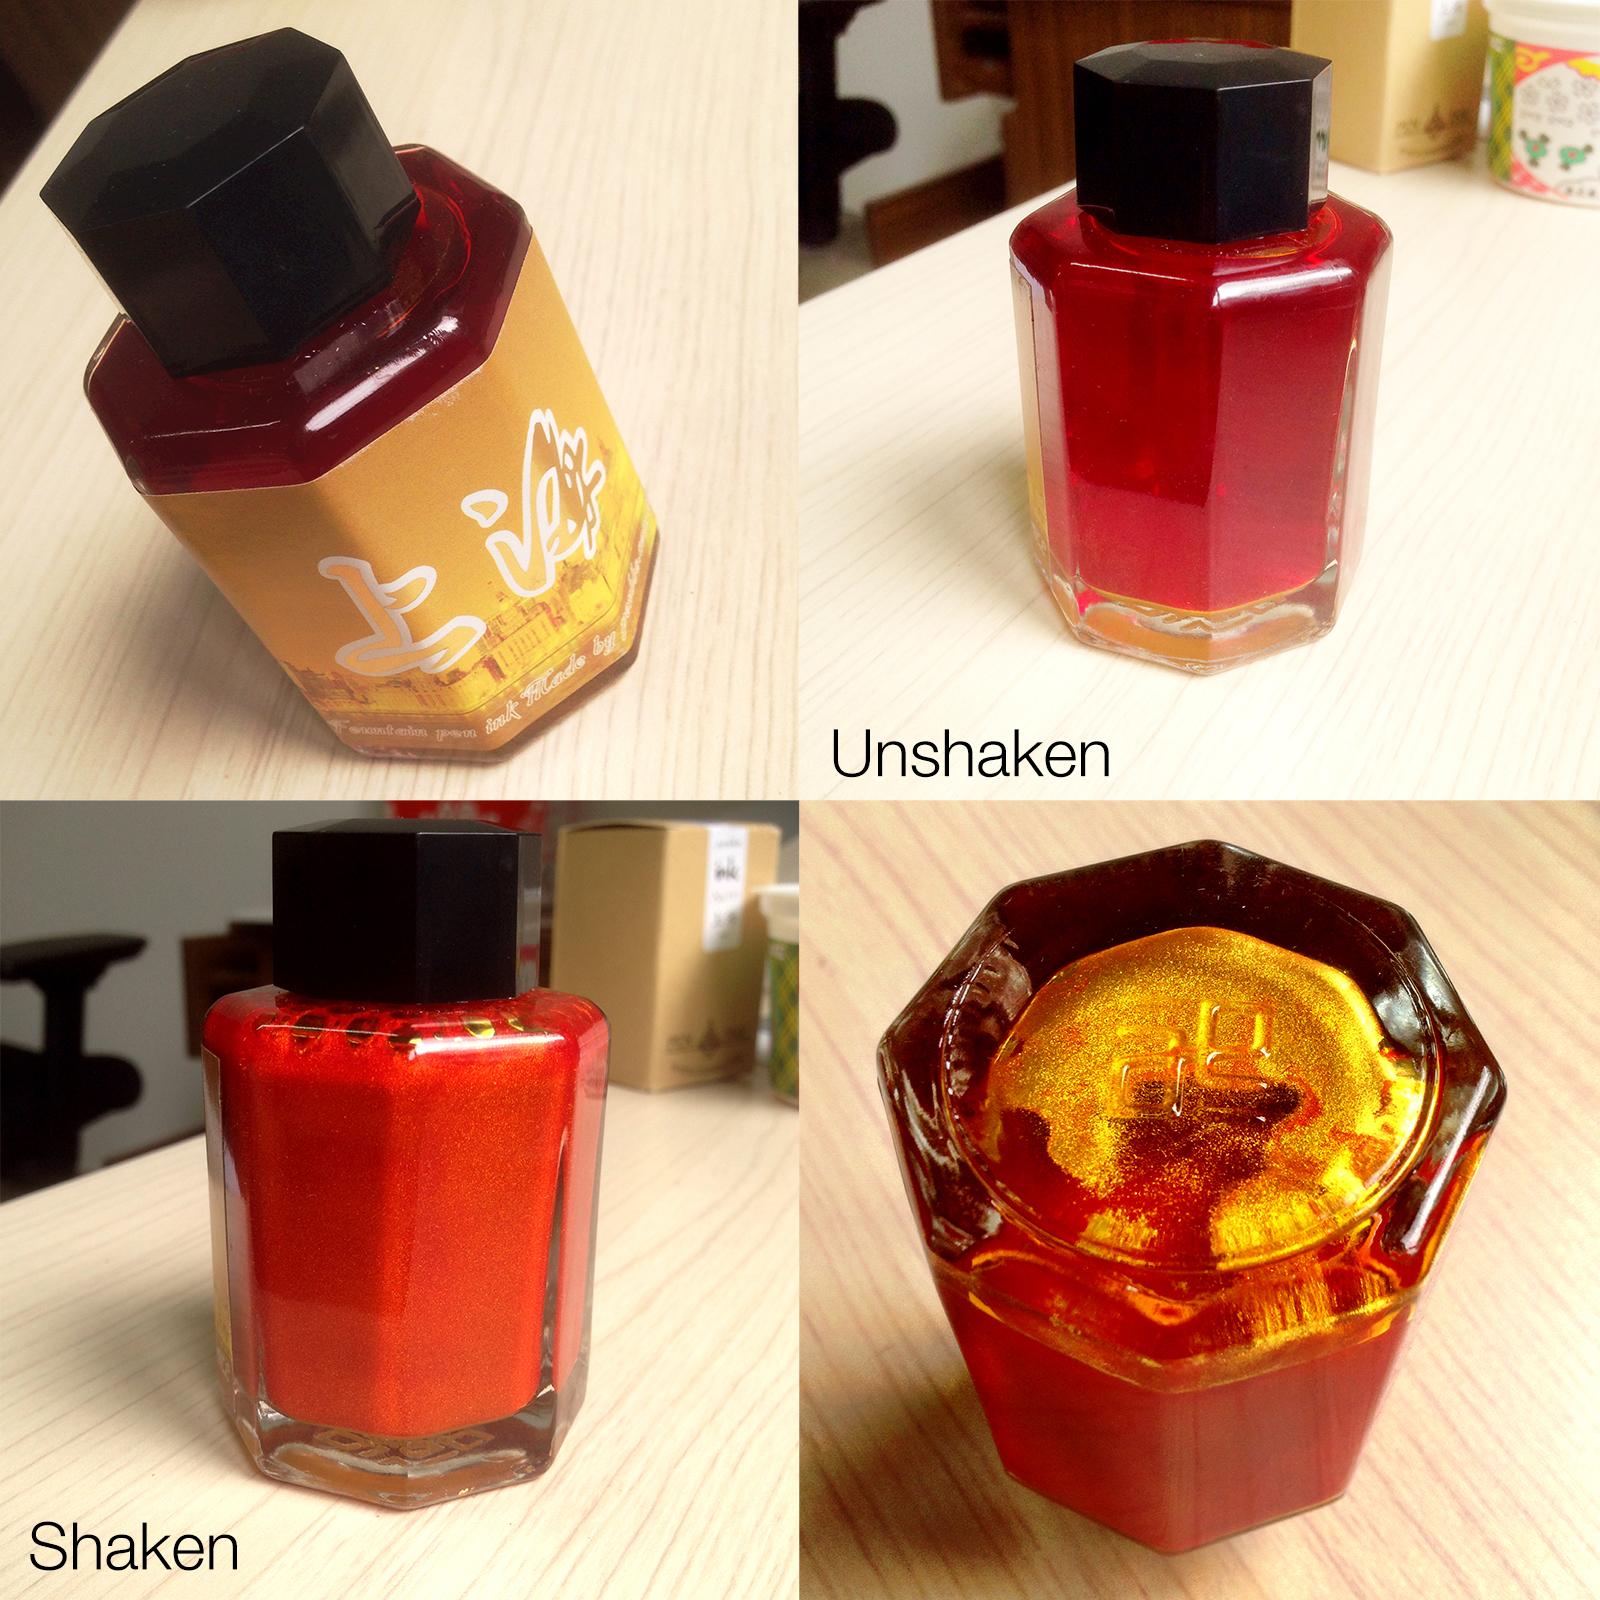 fpn_1435986202__shanghai-bottle.jpg